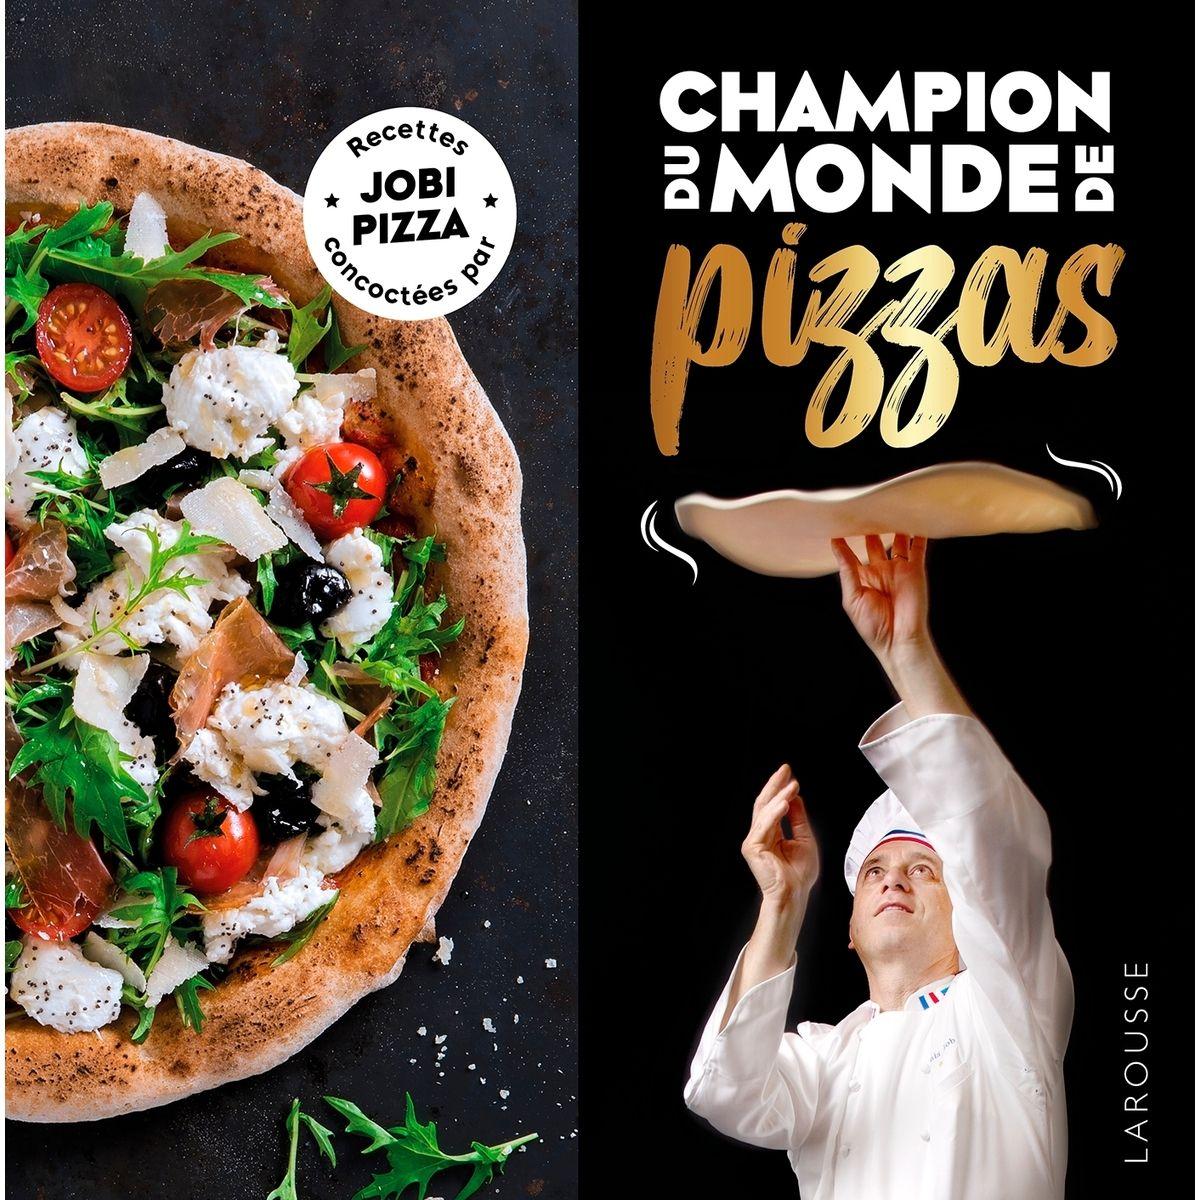 Champion du monde de pizzas - Larousse